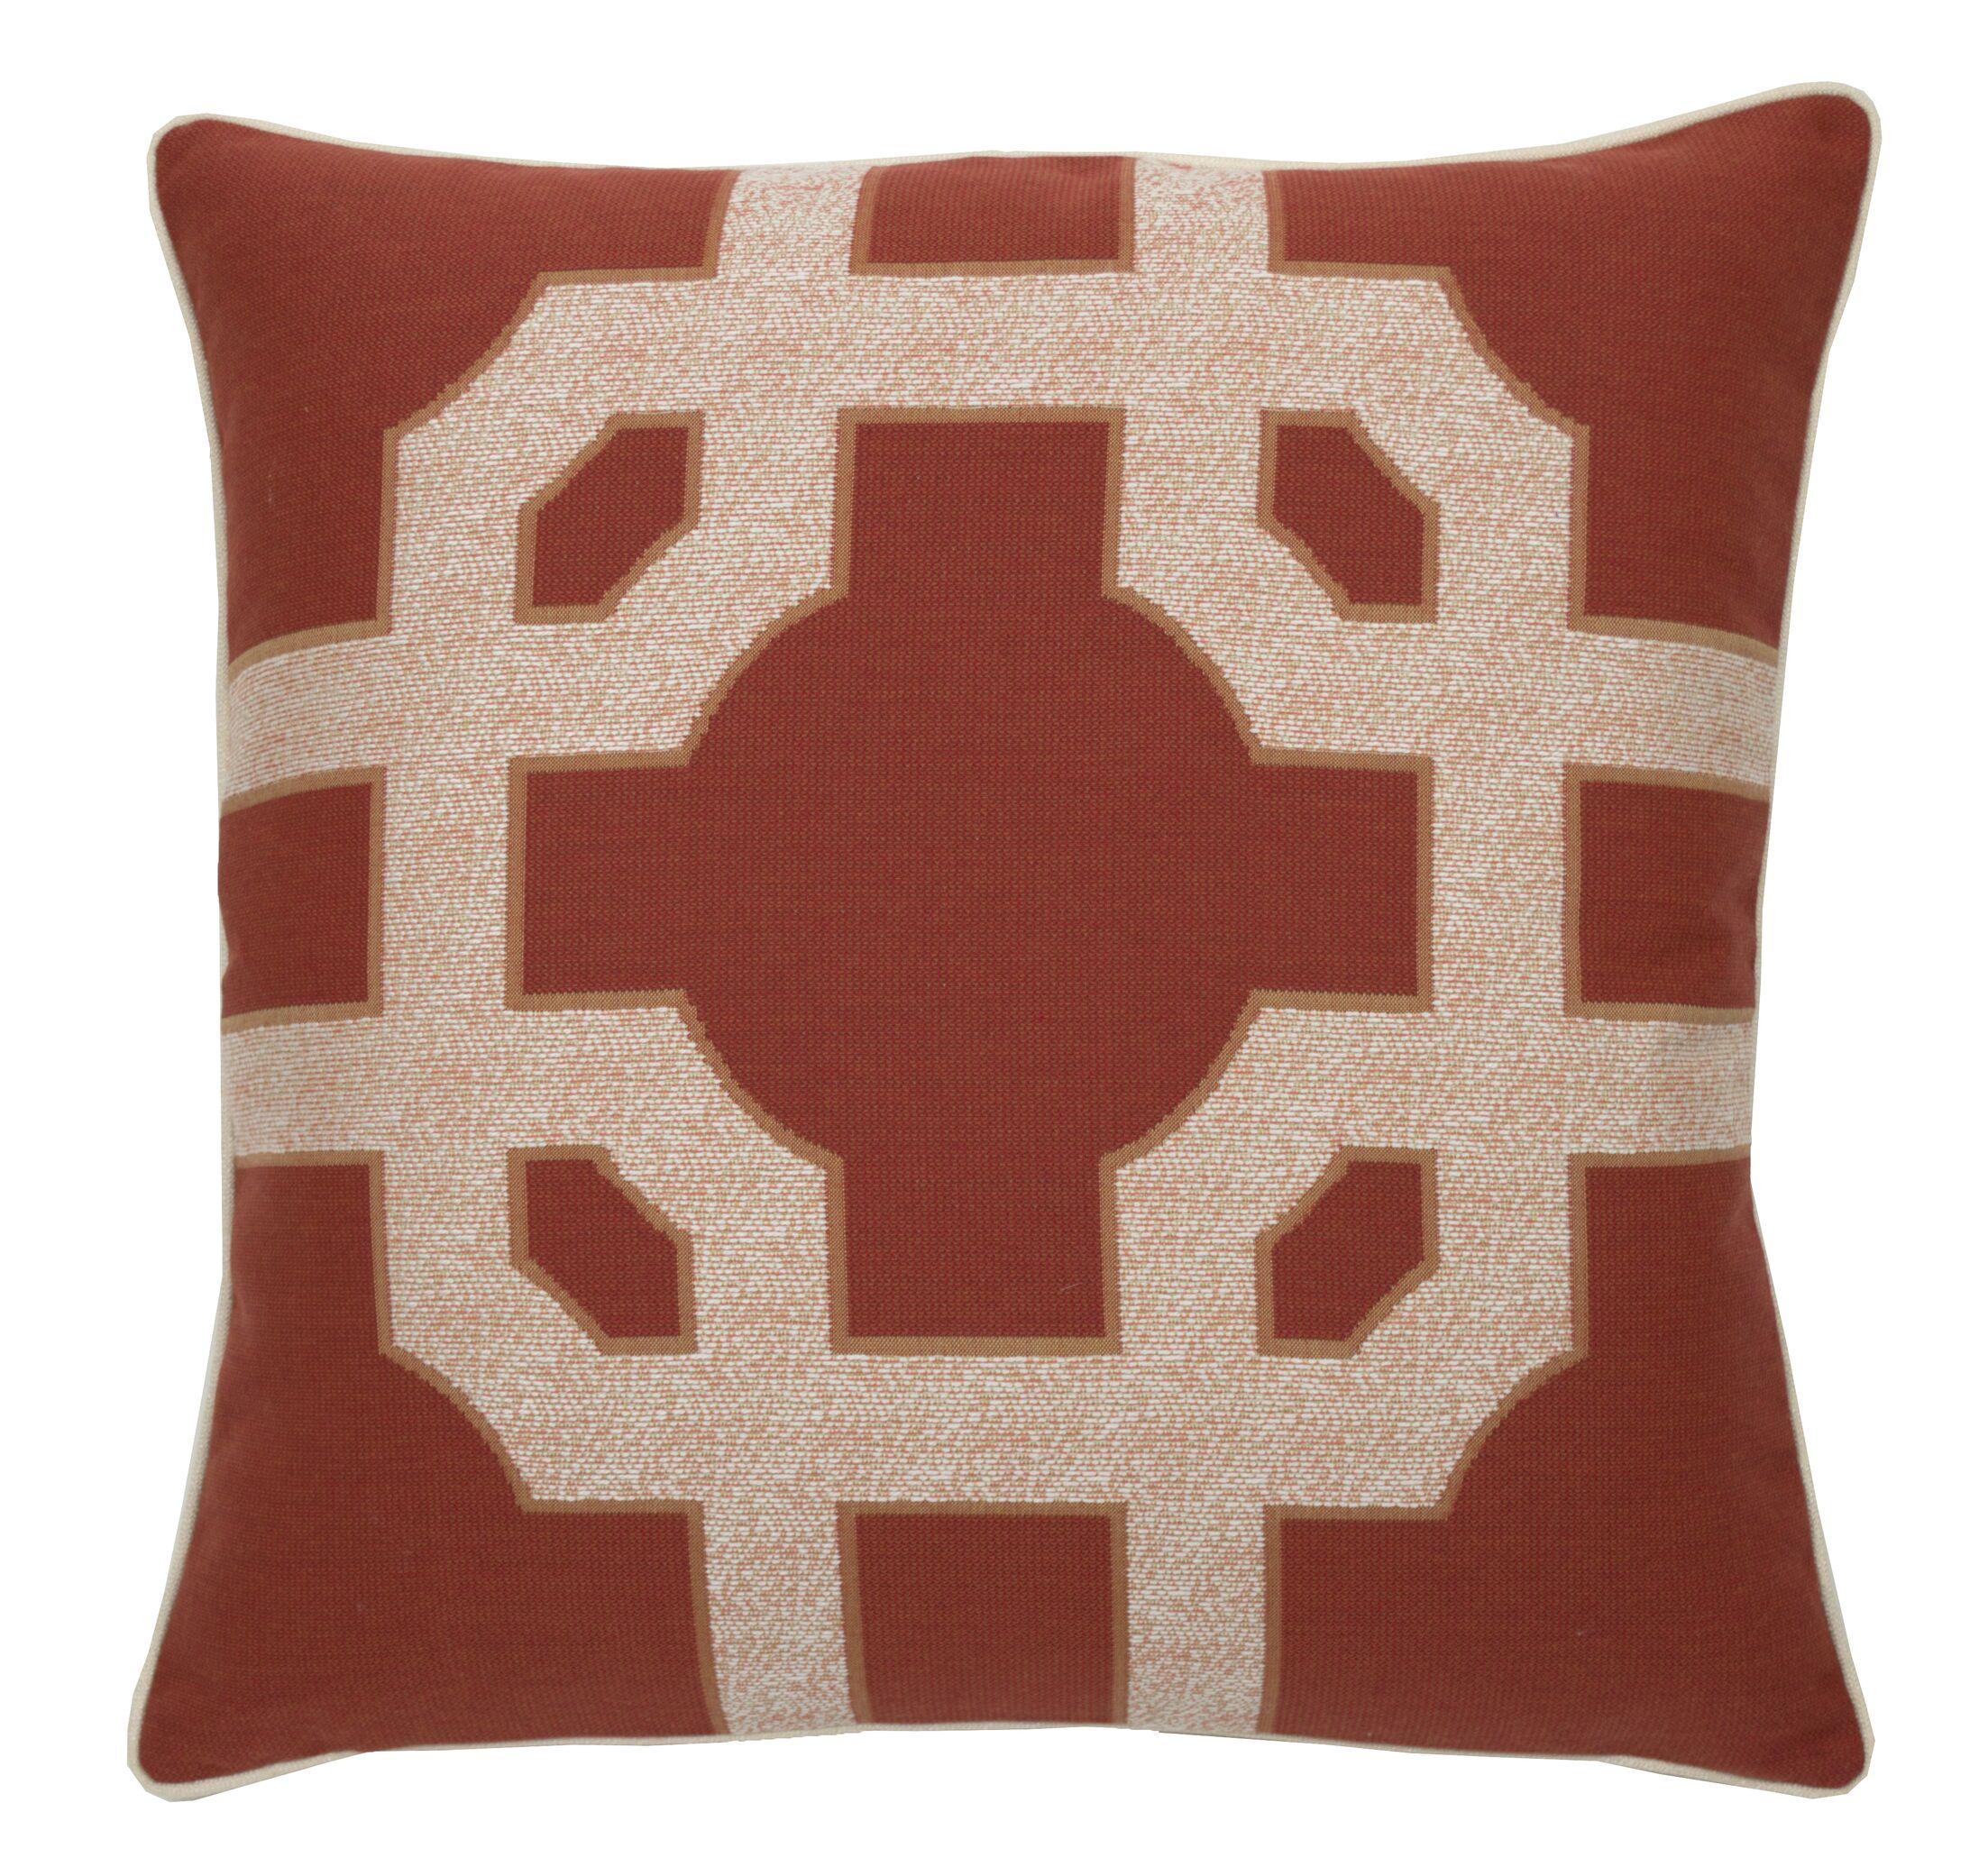 Fortune Indoor/Outdoor Throw Pillow (Set of 2) Color: Cajun, Size: 20